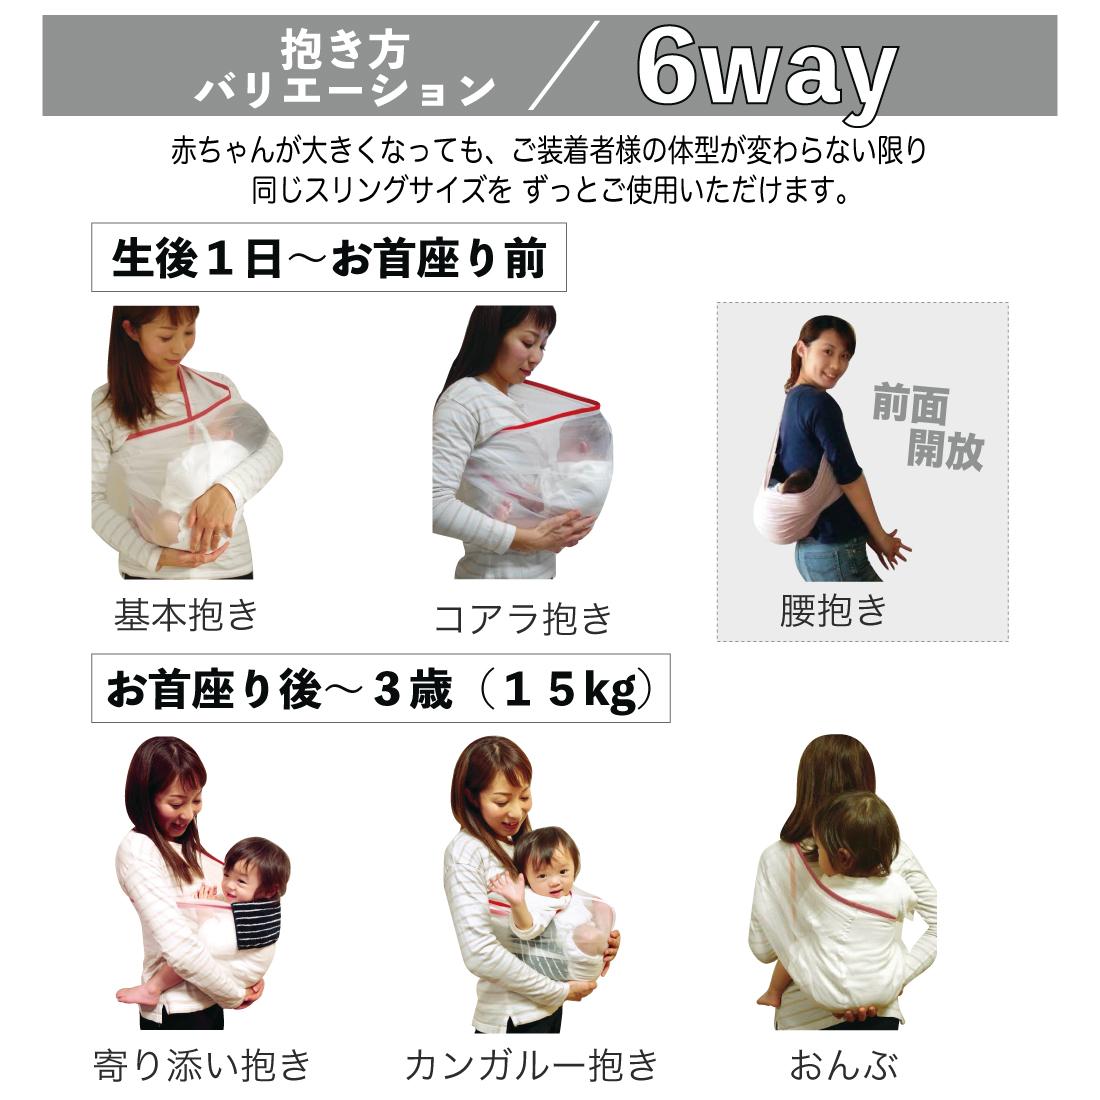 産院の 新生児 室採用 スリング 医学的安心構造 【ママリで選ばれました】【雑誌たまひよ掲載商品】ママにも赤ちゃんにも優しい AKOAKOオリジナル設計 【抱っこひも安全協議会加盟】取説書付 【新生児〜3歳】日本製 抱っこひも ベビーキャリー コンパクト 軽量 簡単 寝かしつ